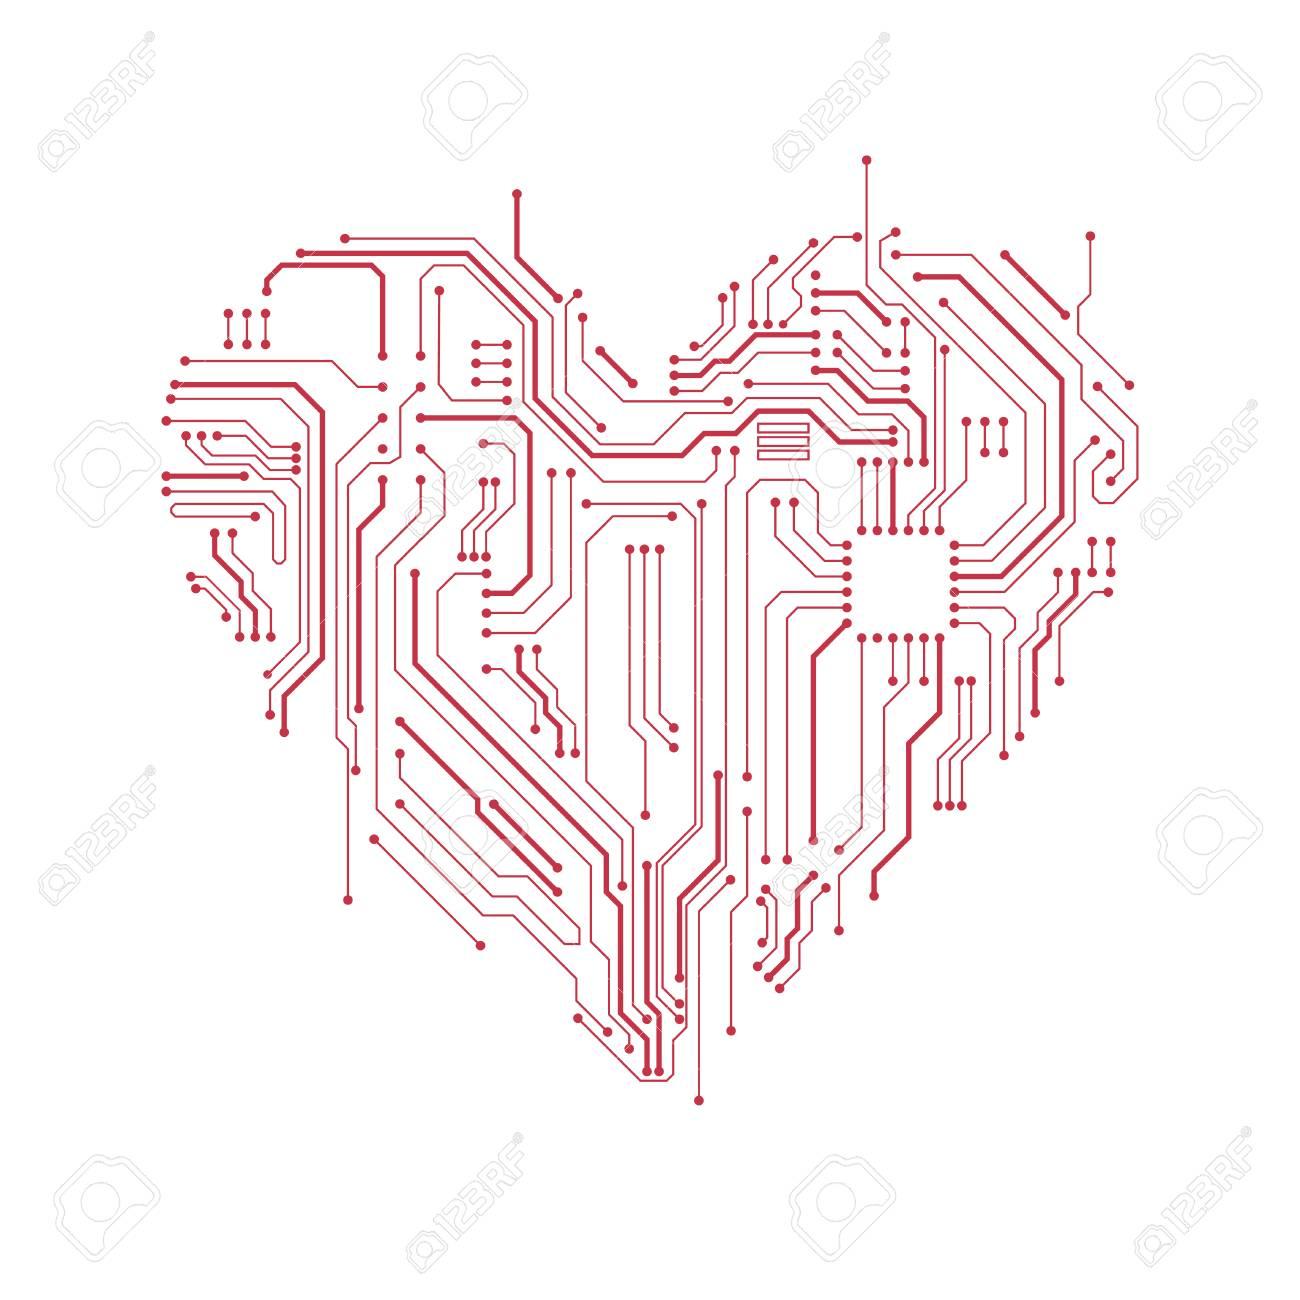 Computer Motherboard Wiring Diagram Symbols Schematic Diagrams Desktop Circuit Board Heart Symbol Valentines Day Vector Card